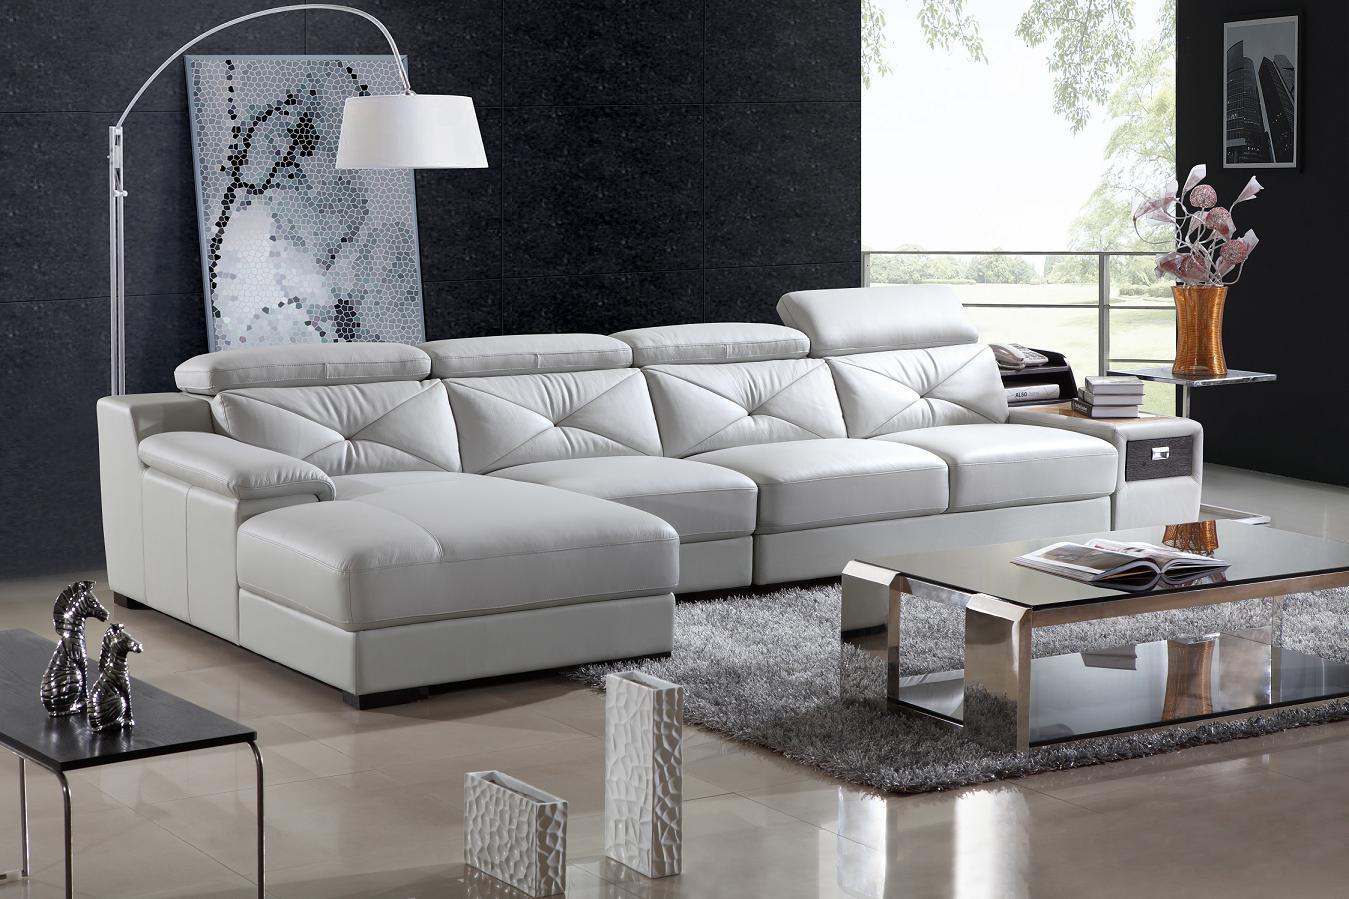 canap cuir le guide pour mieux acheter avec de bonnes. Black Bedroom Furniture Sets. Home Design Ideas